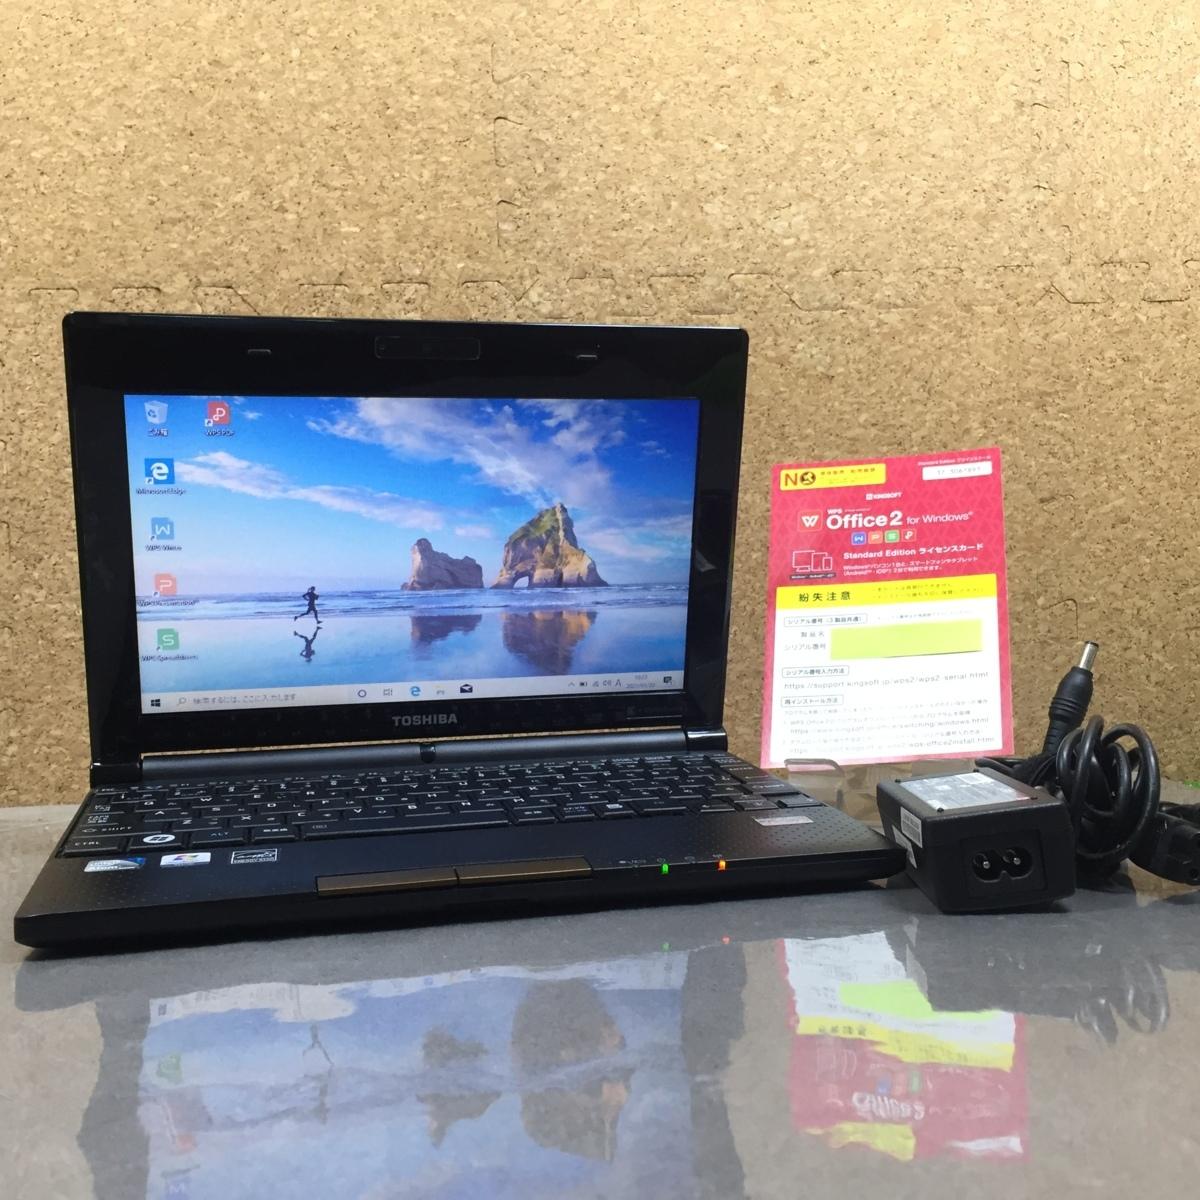 10インチ/Windows10/office踏査/Webカメラ搭載!ビデオ通話対応【TOSHIBA 東芝/dynabook N200/02C】Atom N455/メモリ2GB/HDD500GB_画像1